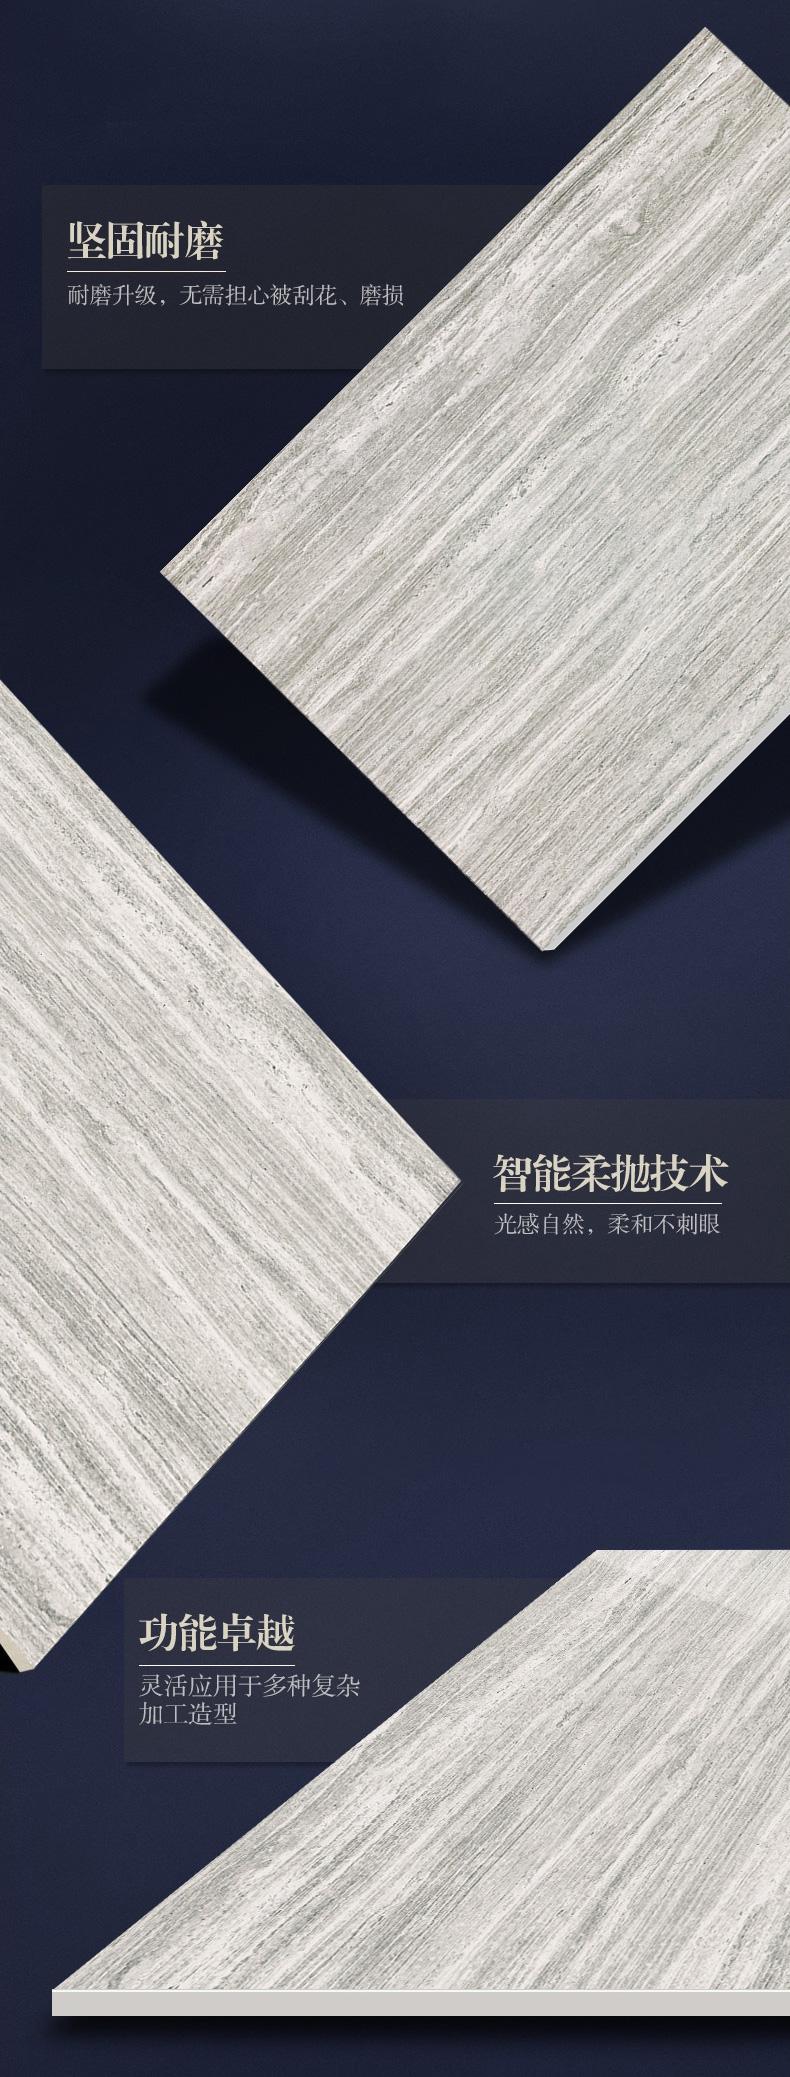 简一大理石瓷砖-法国木纹灰_11.jpg